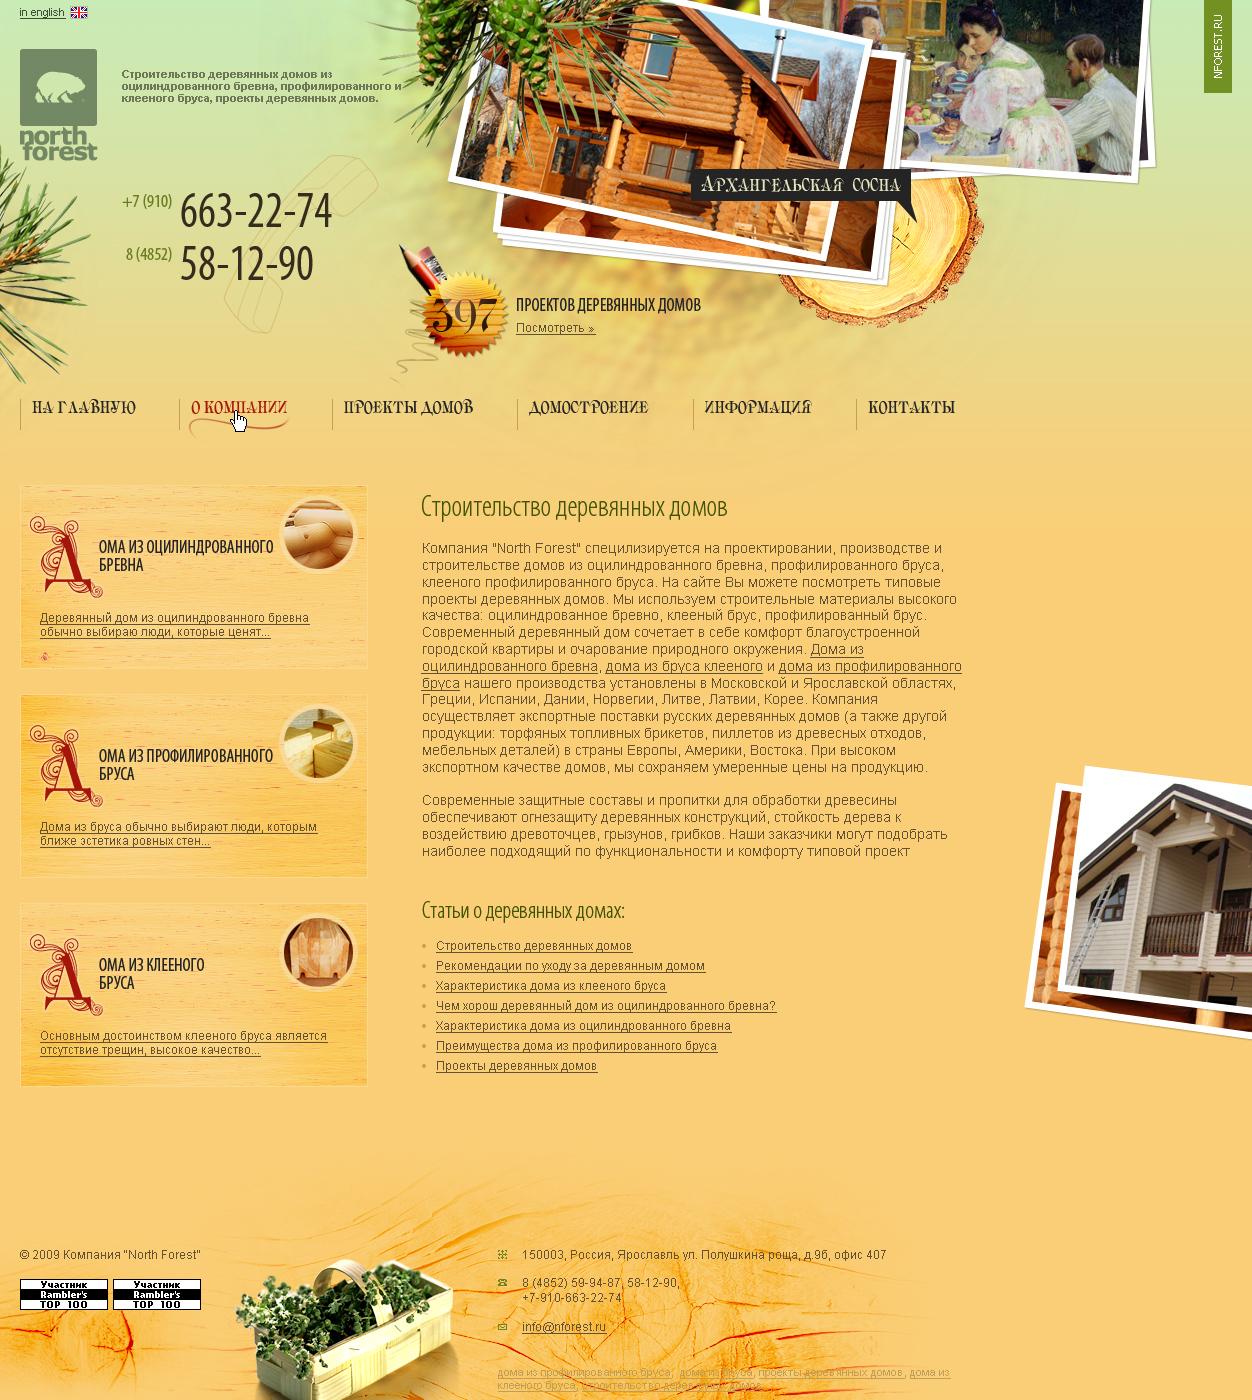 northForest v1 - Деревянные дома